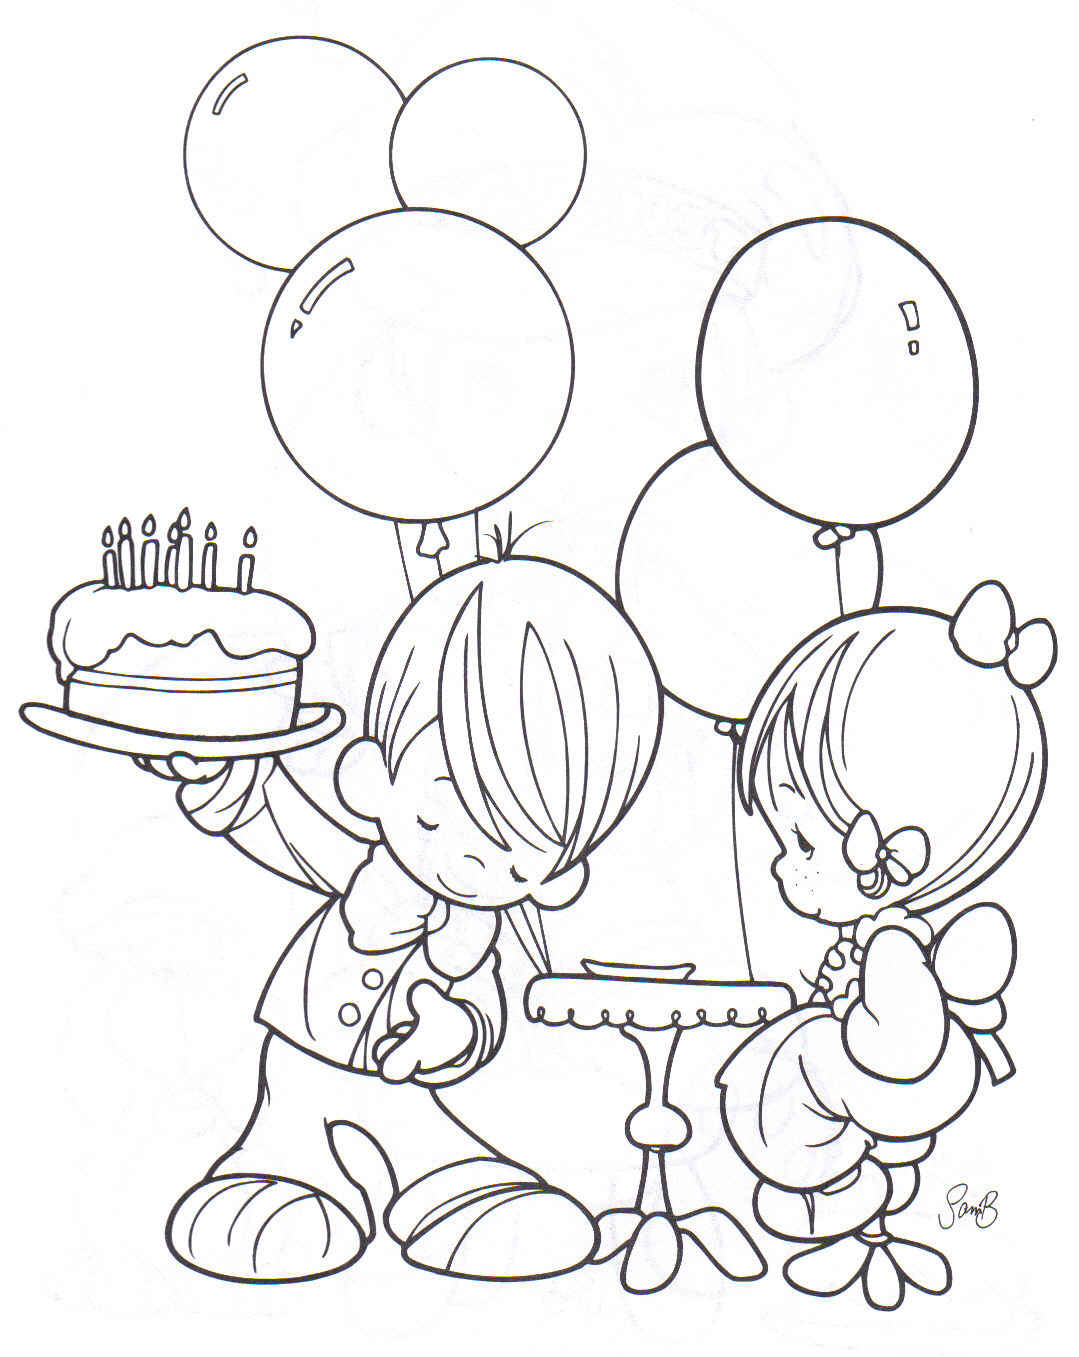 Imagenes De Niños Celebrando Cumpleaños Para Colorear picture gallery